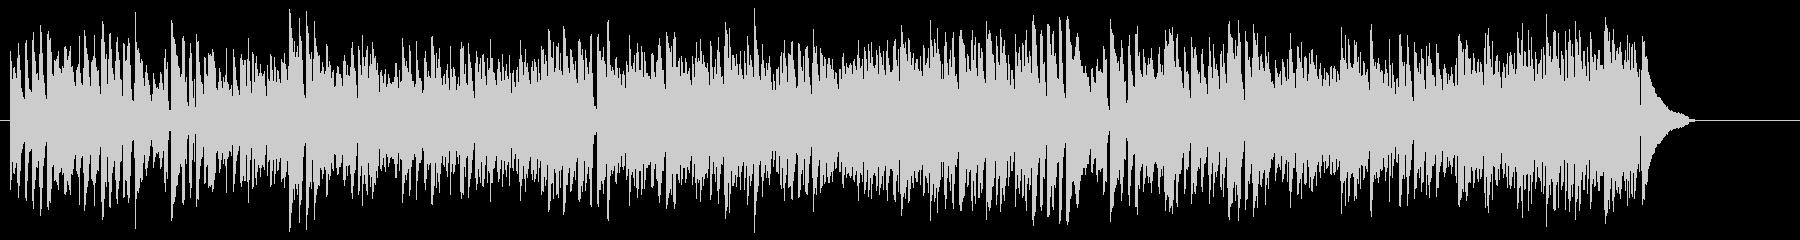 スタンダードな4ビート・ジャズの未再生の波形